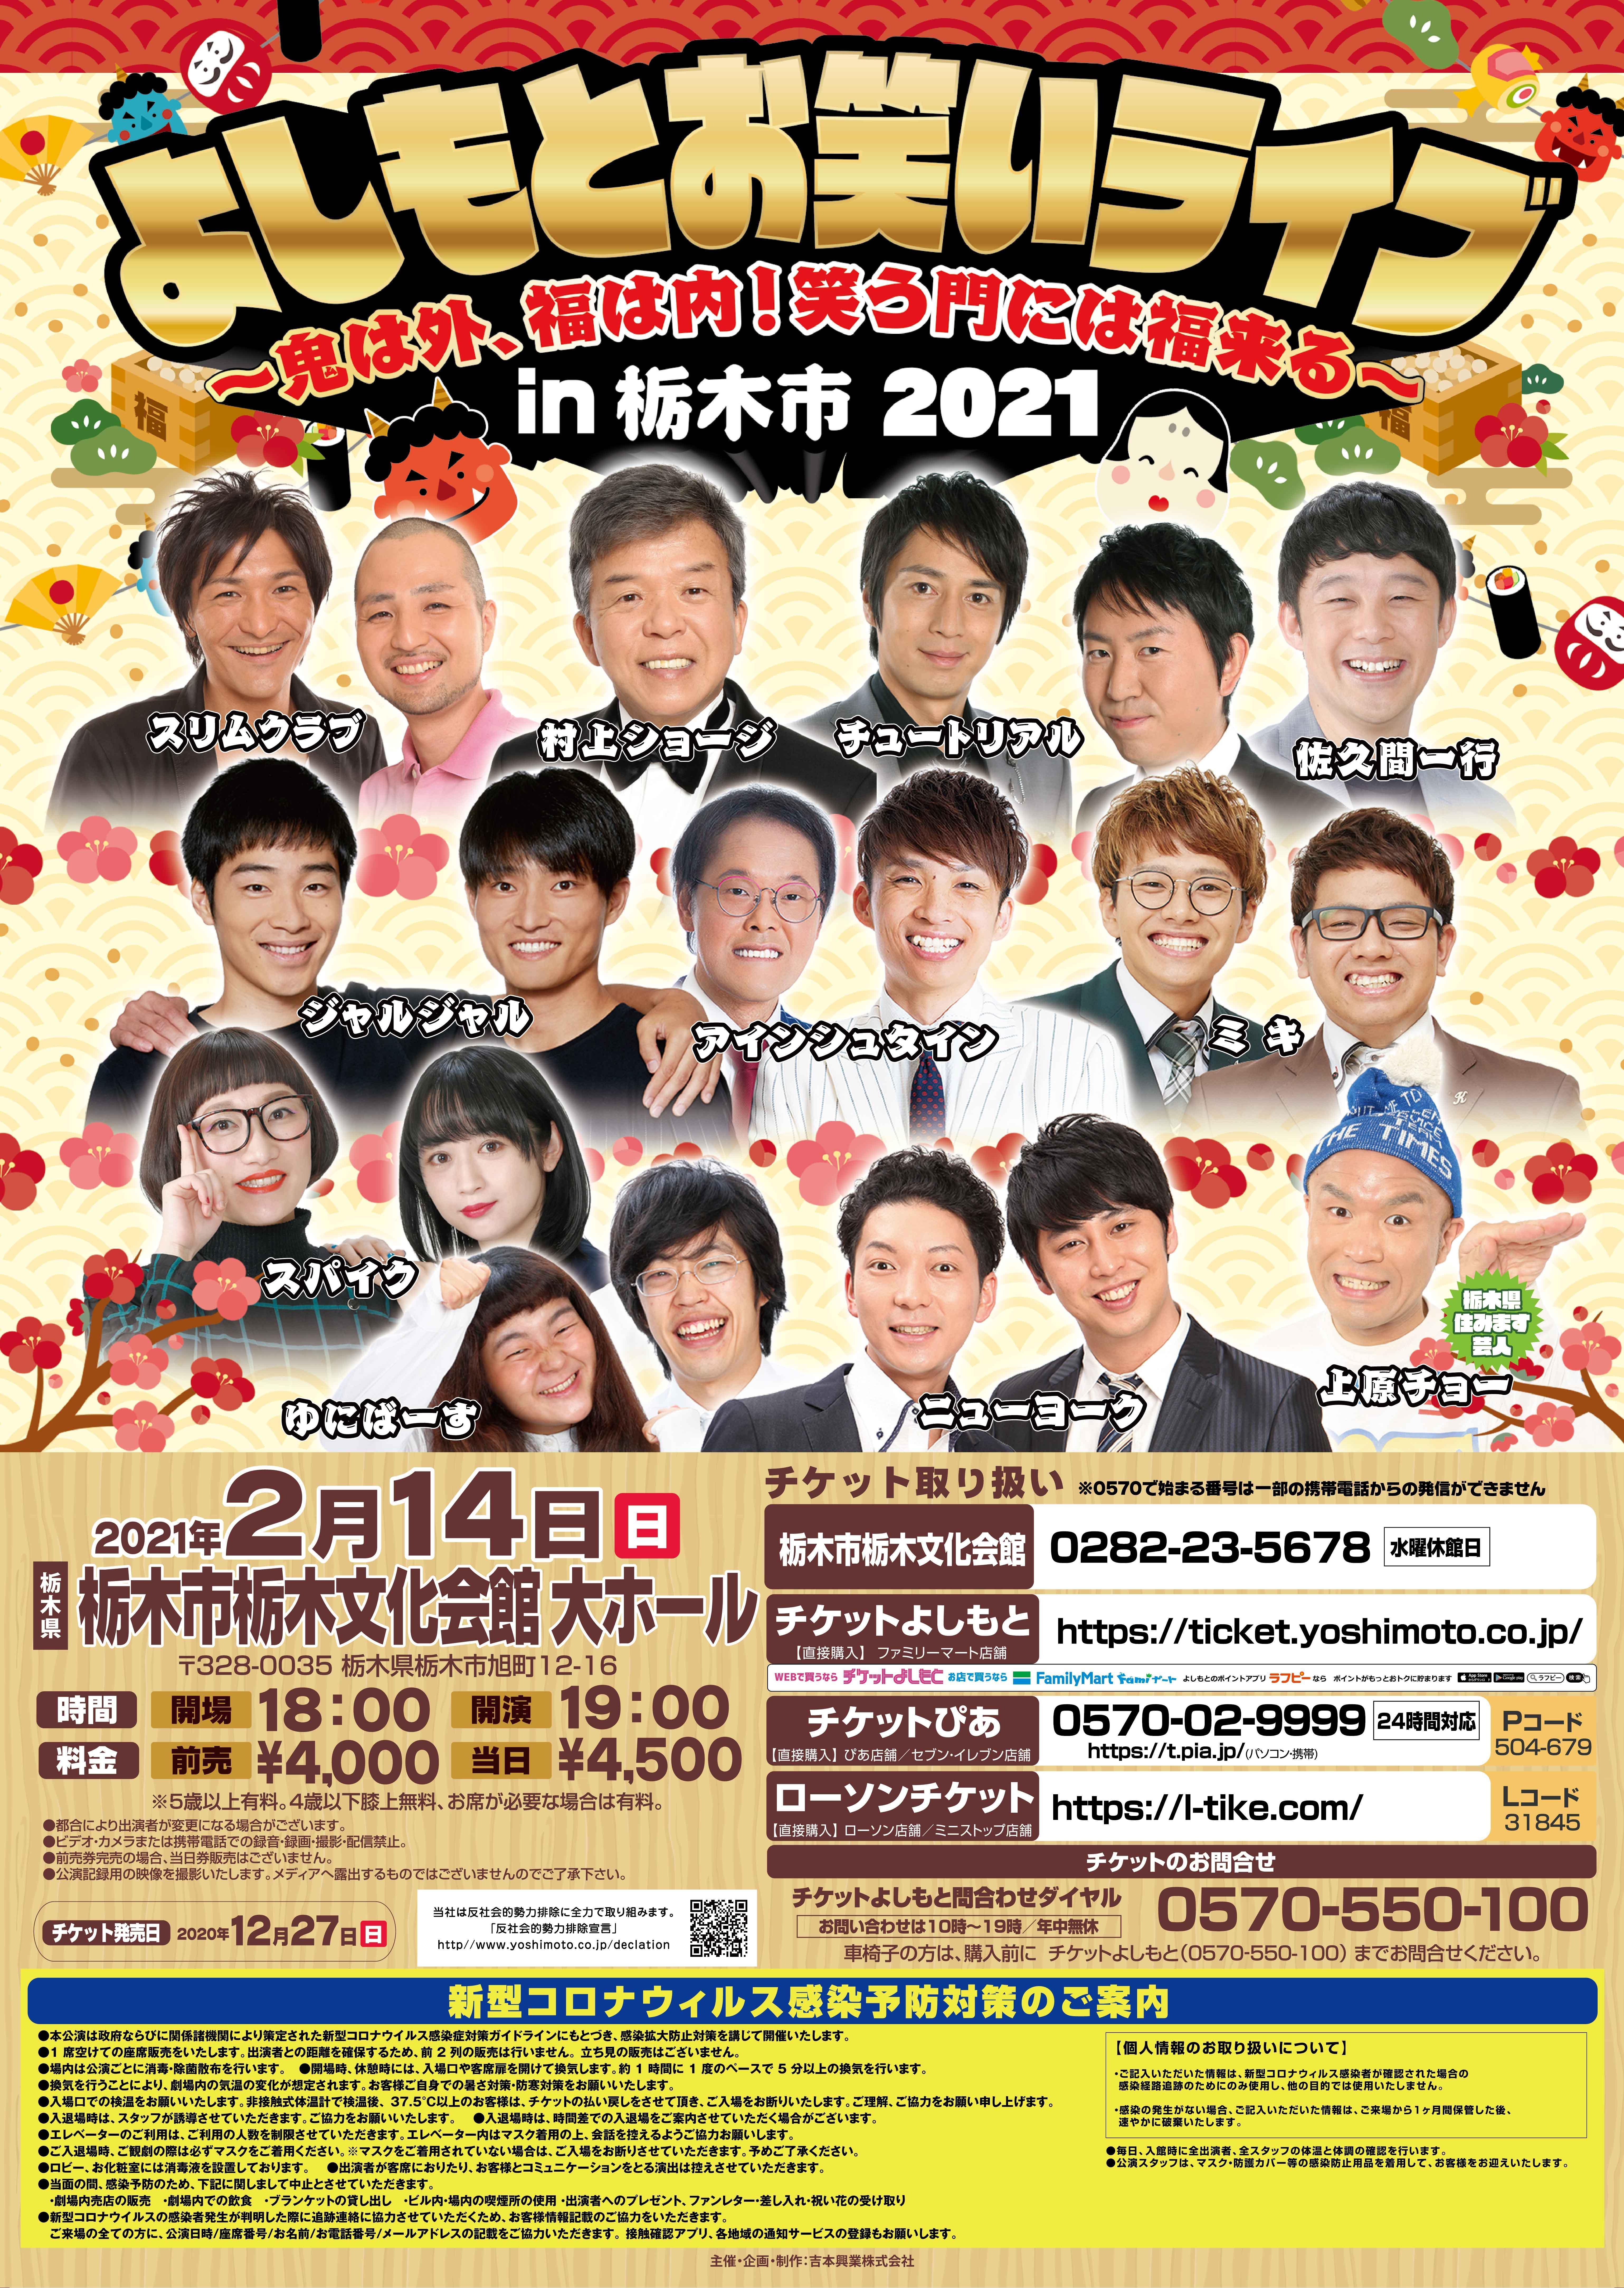 http://www.syumatsu.jp/20210104181811-a9df9230b4b3455905b7aad4a9fa8f7ad8980fc8.jpg